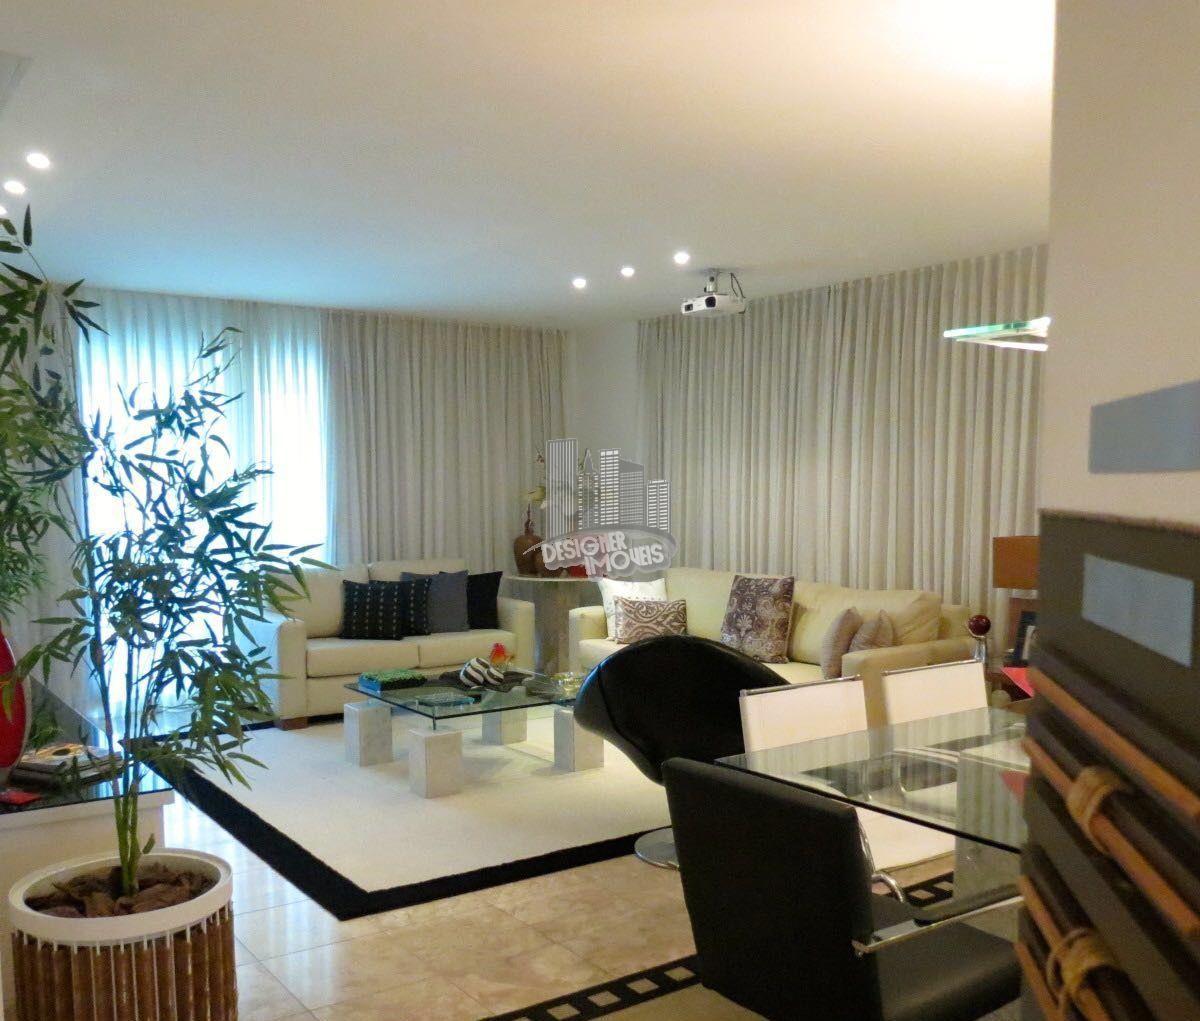 Apartamento Para Venda ou Aluguel no Condomínio Pedra de Itaúna - Rio de Janeiro - RJ - Barra da Tijuca - LRA4007 - 7